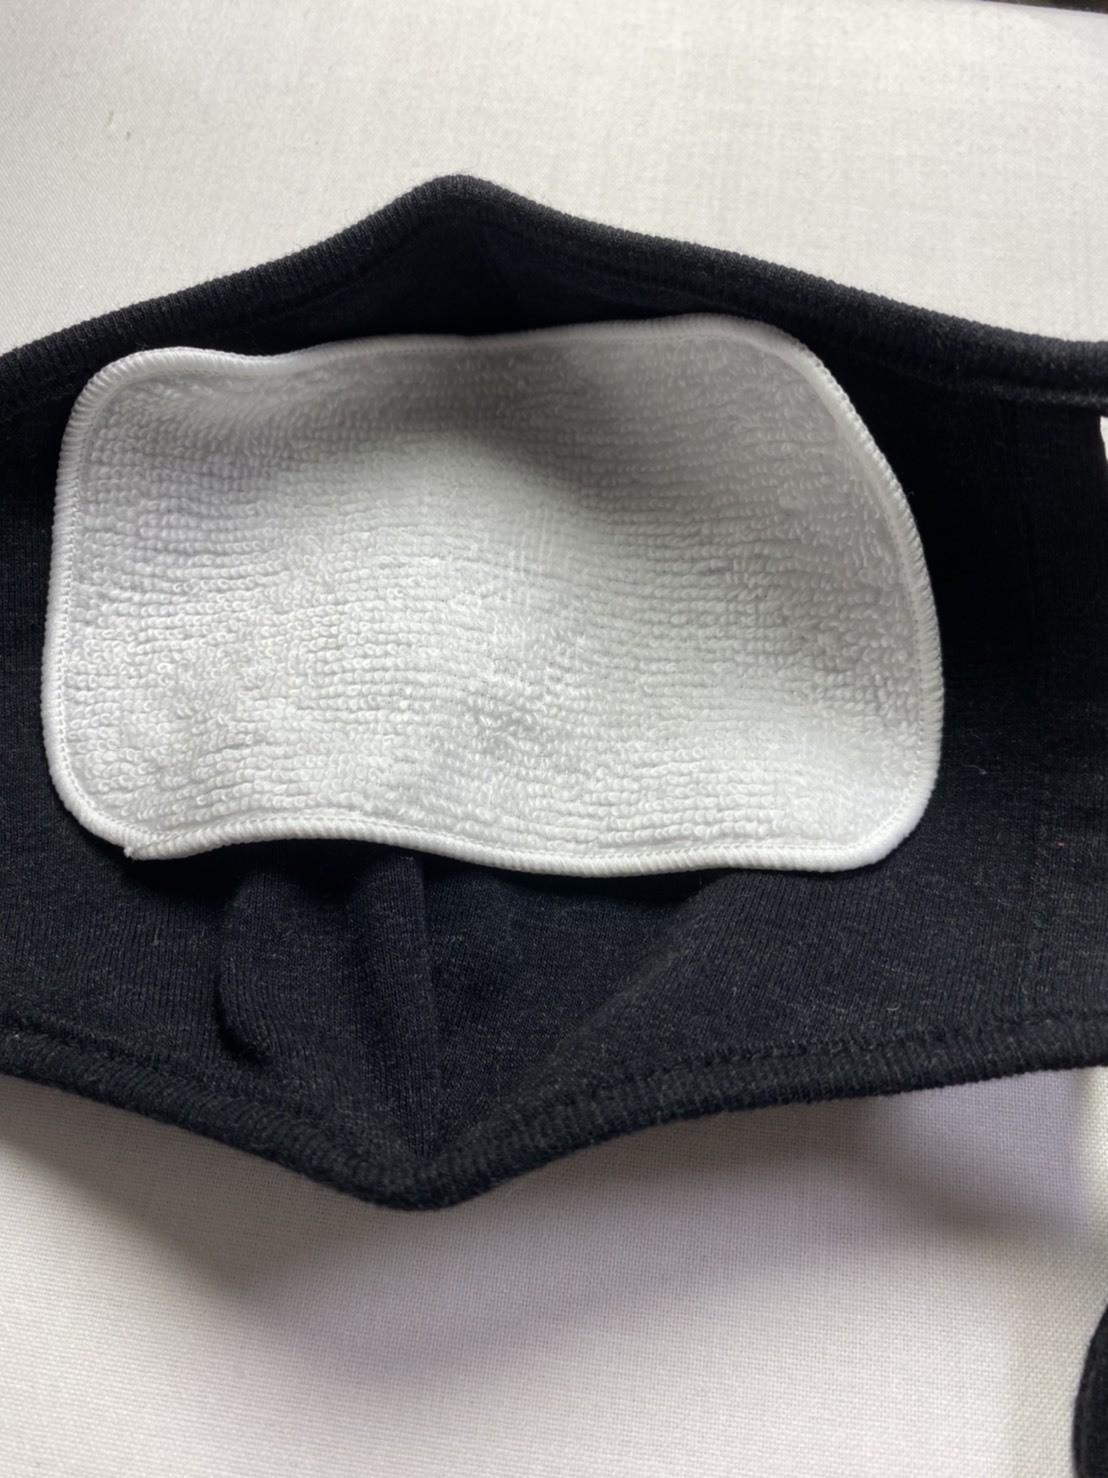 【ウィルス除去率99%の特許あり】柿渋銀インナーマスク